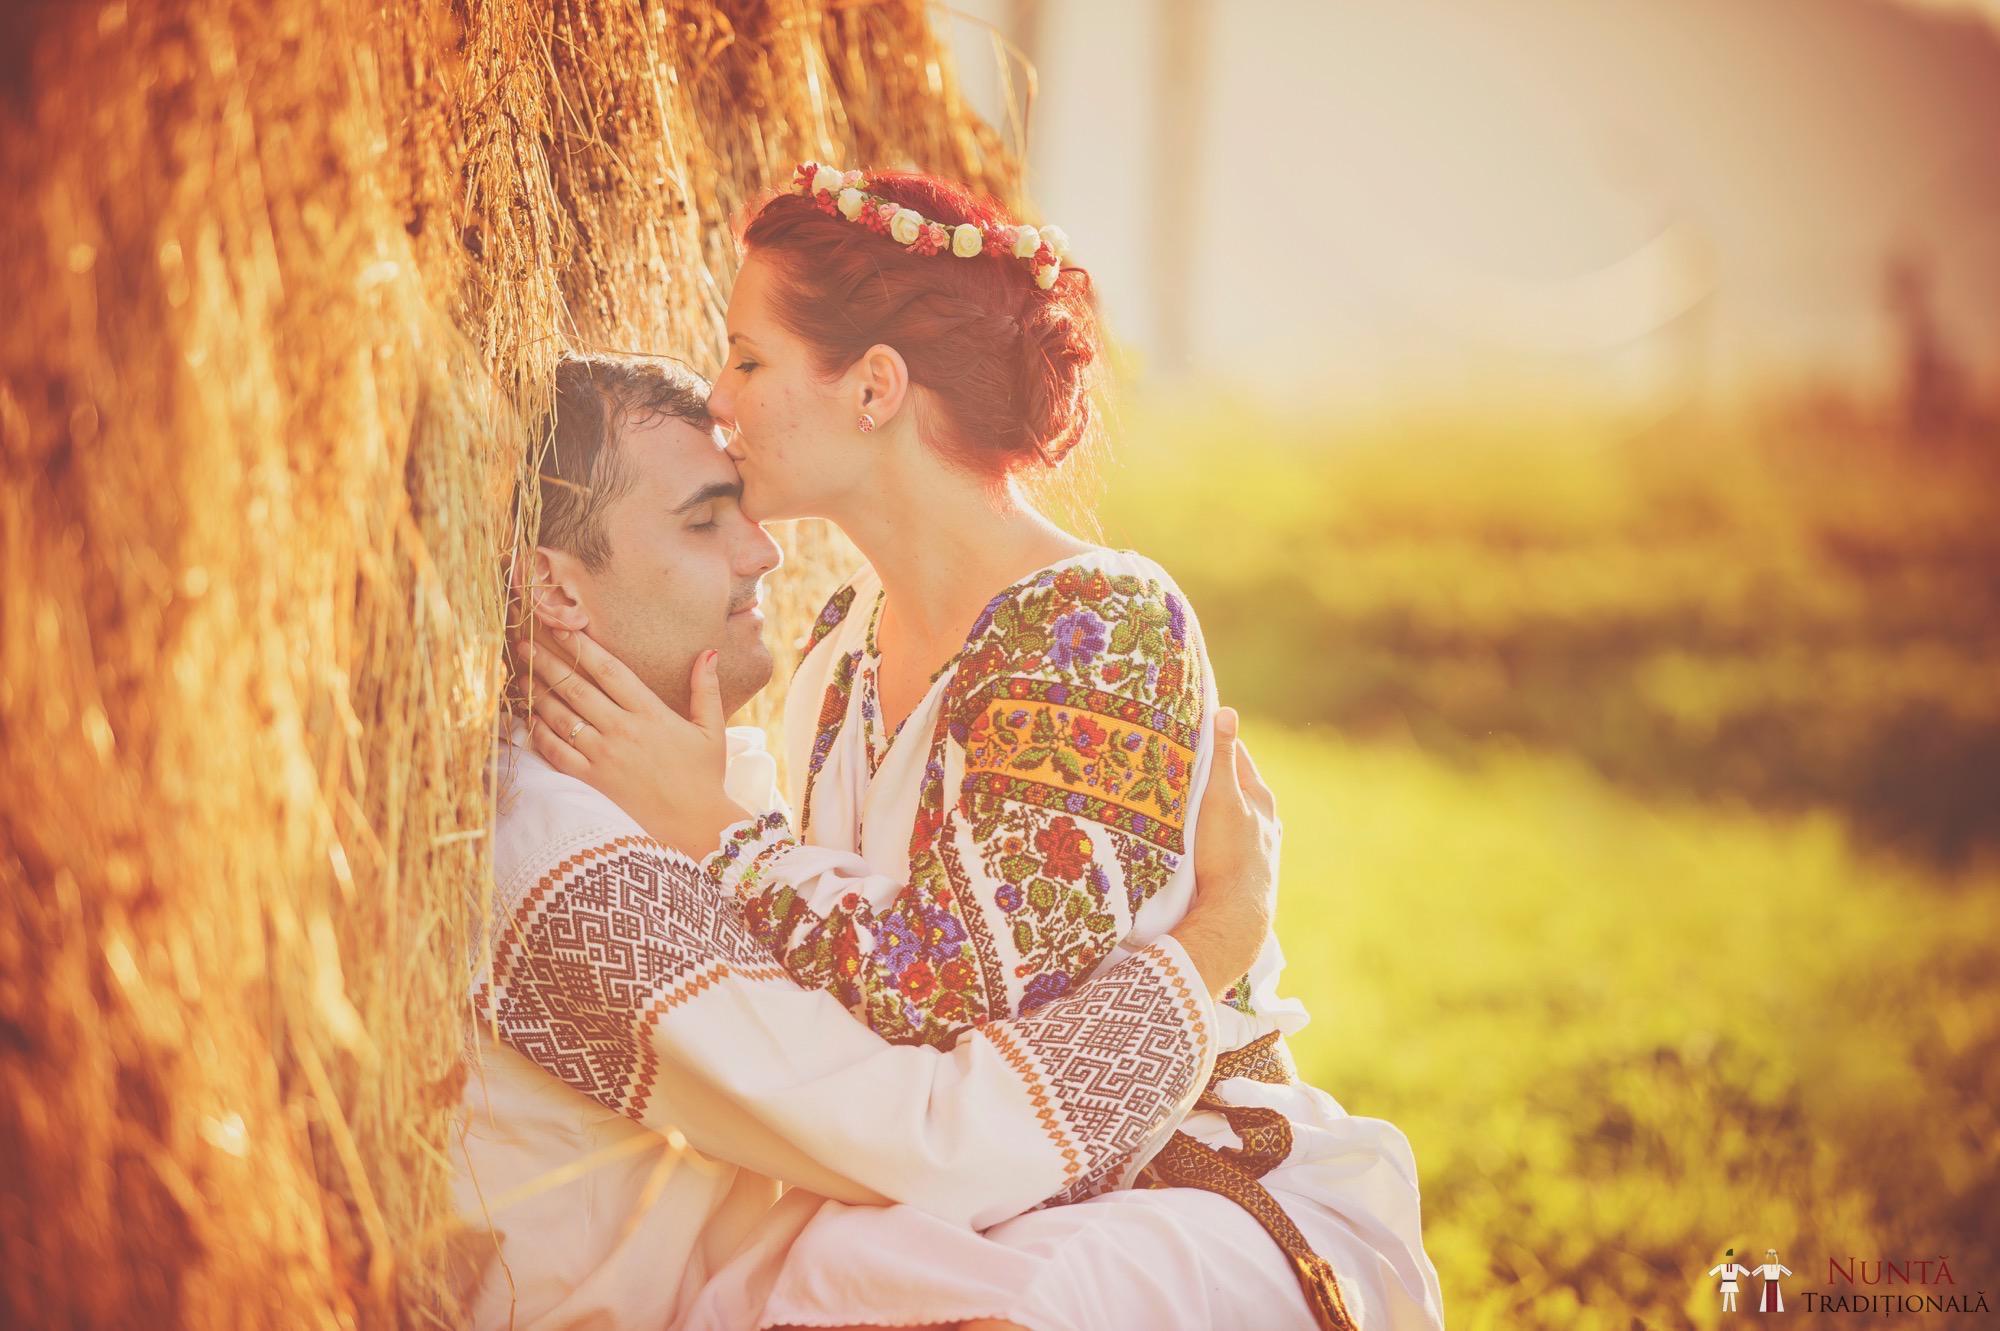 Povești Nunți Tradiționale - Gabriela și Mădălin - Nuntă Tradițională în Suceava, Bucovina 3